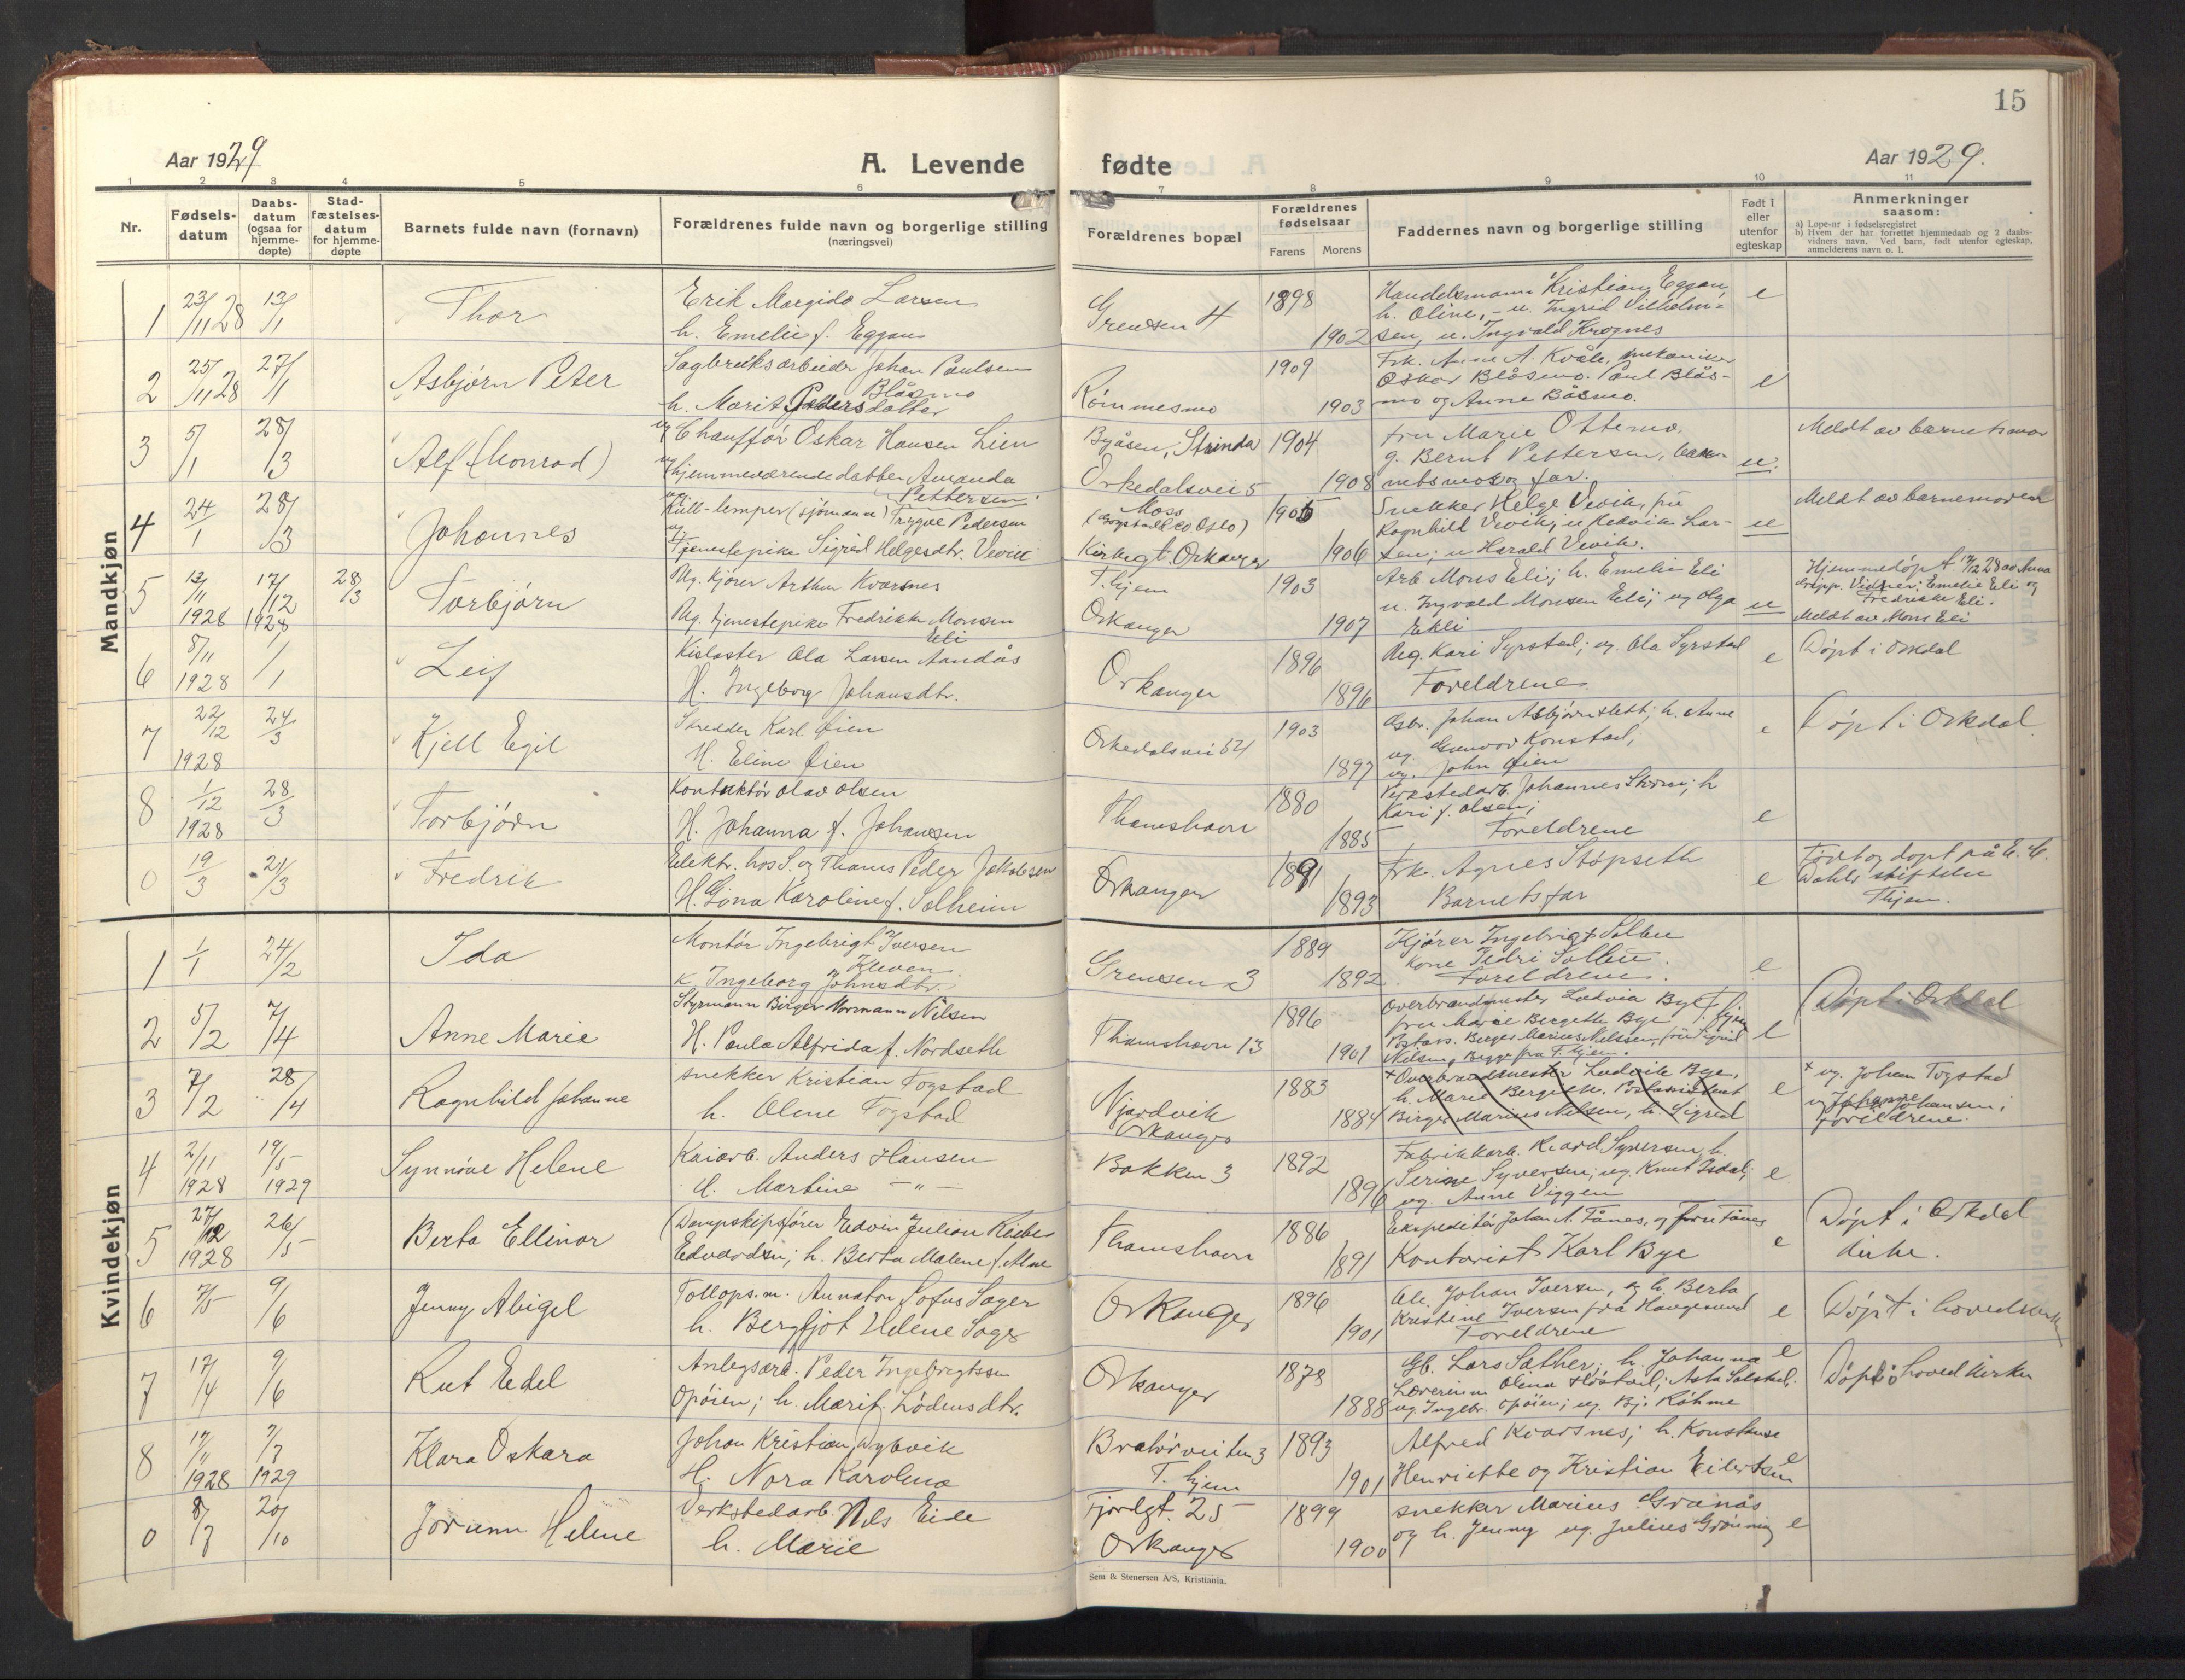 SAT, Ministerialprotokoller, klokkerbøker og fødselsregistre - Sør-Trøndelag, 669/L0832: Klokkerbok nr. 669C02, 1925-1953, s. 15